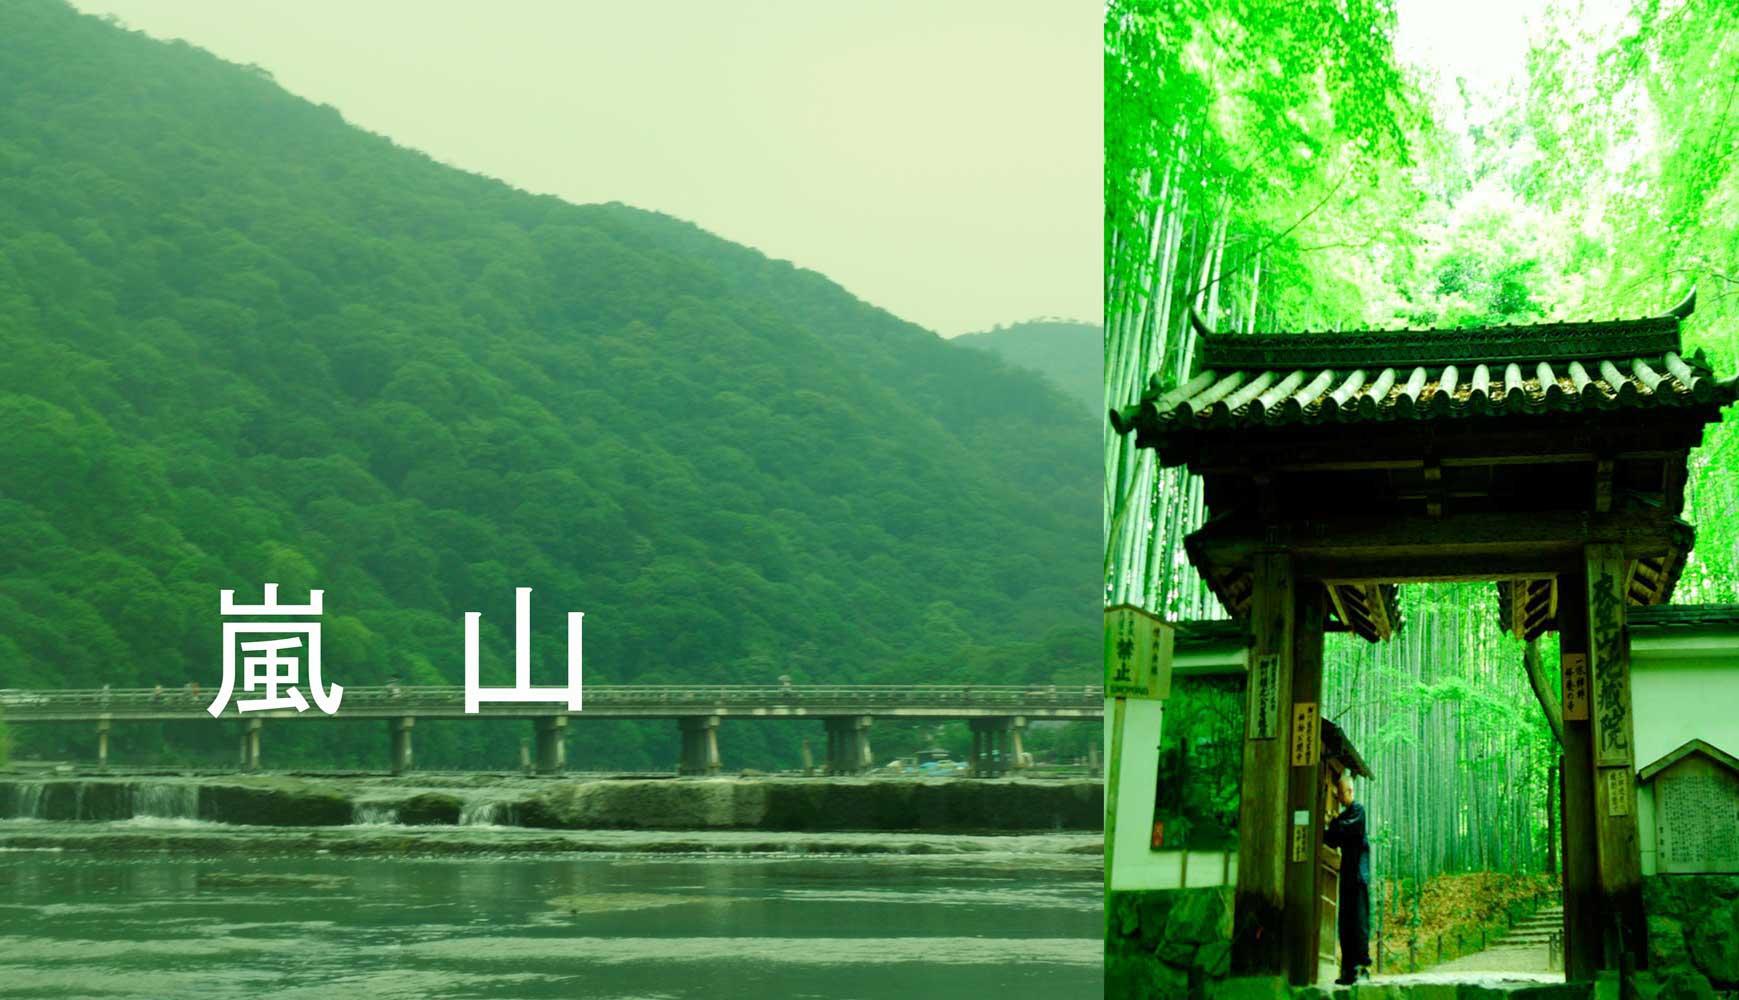 京都嵐山観光6月